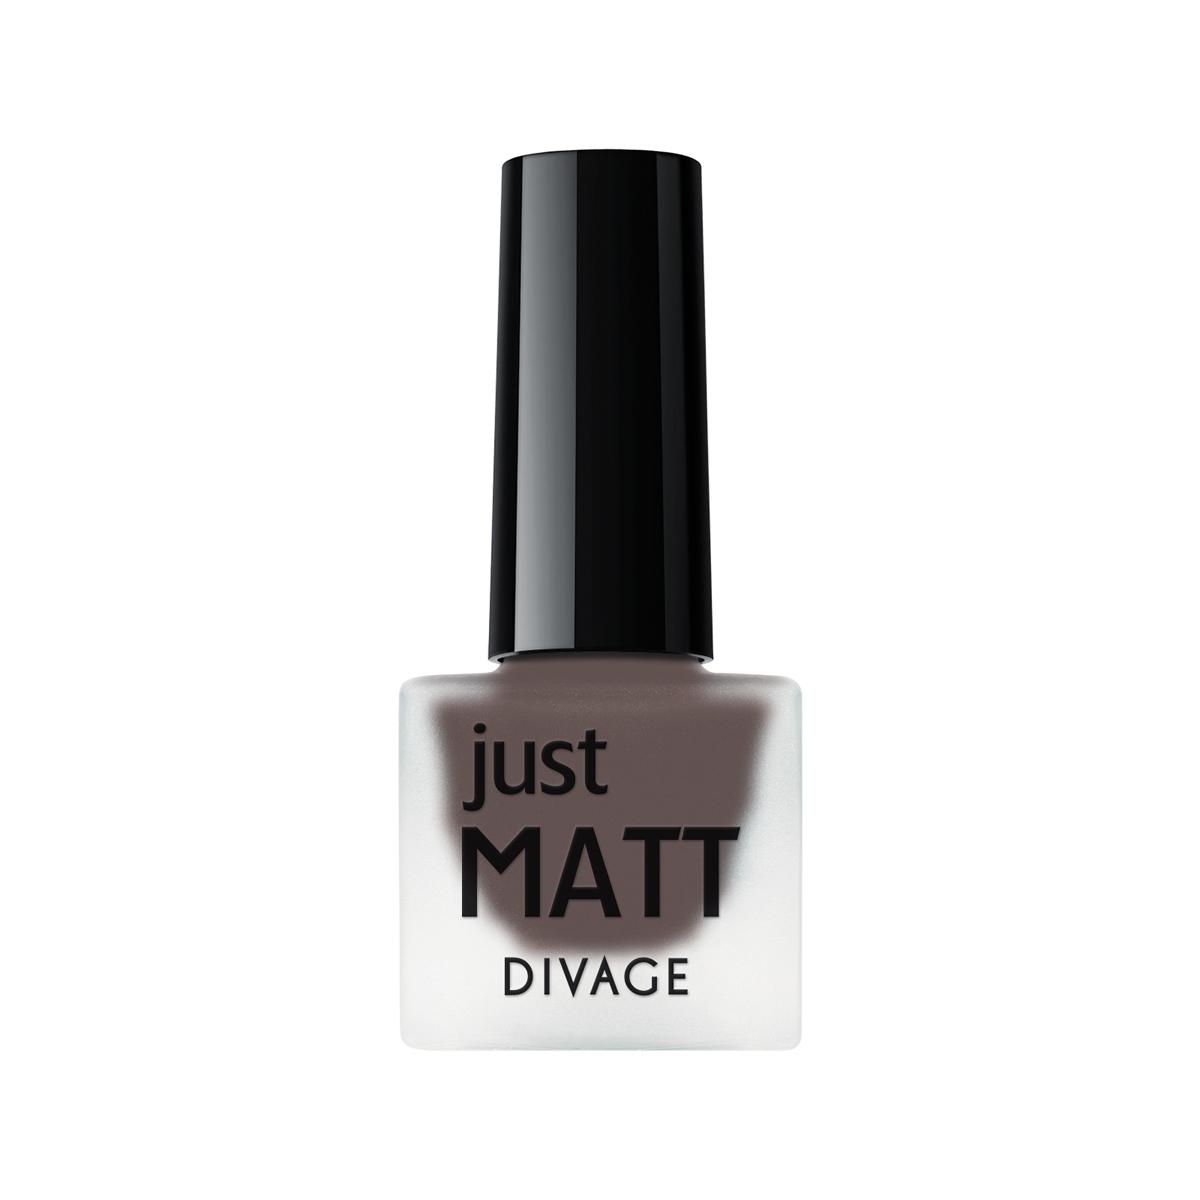 DIVAGE Лак для ногтей JUST MATT, тон № 5605, 7 мл215540Лак для ногтей Divage Just Matt с матовым эффектом имеет легкую бархатистую текстуру (Soft Touch) и удобный мини формат упаковки. Наносится идеально ровно, визуально сглаживая неровности ногтевой пластины. Характеристики: Объем: 7 мл. Тон: №5605. Товар сертифицирован.